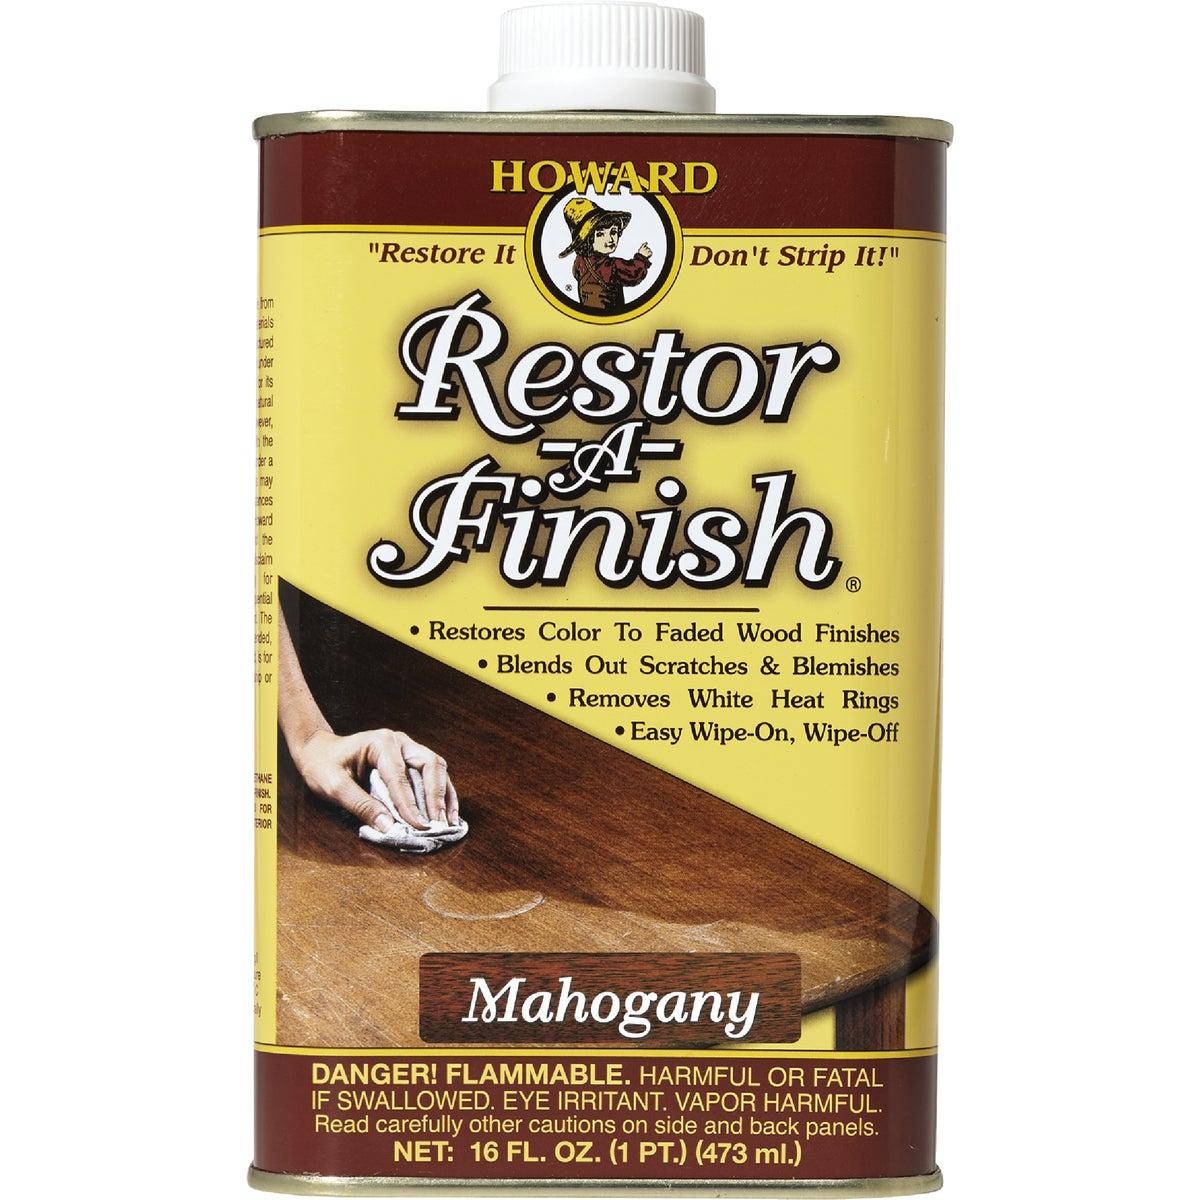 MAHOGANY RESTOR-A-FINISH